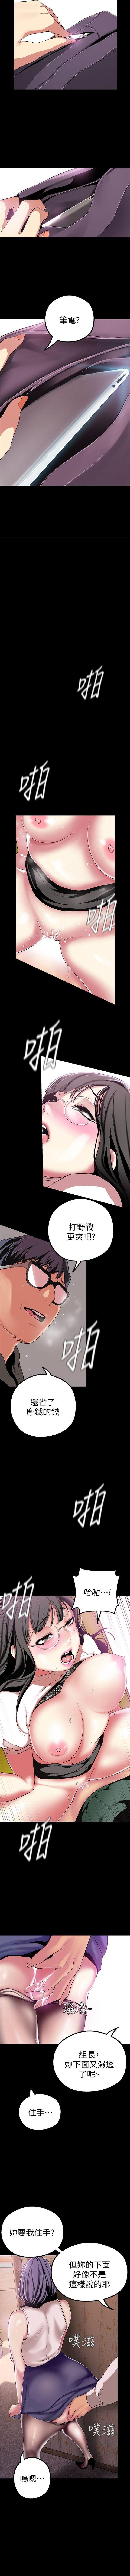 (周6)美丽新世界 1-61 中文翻译 (更新中) 192